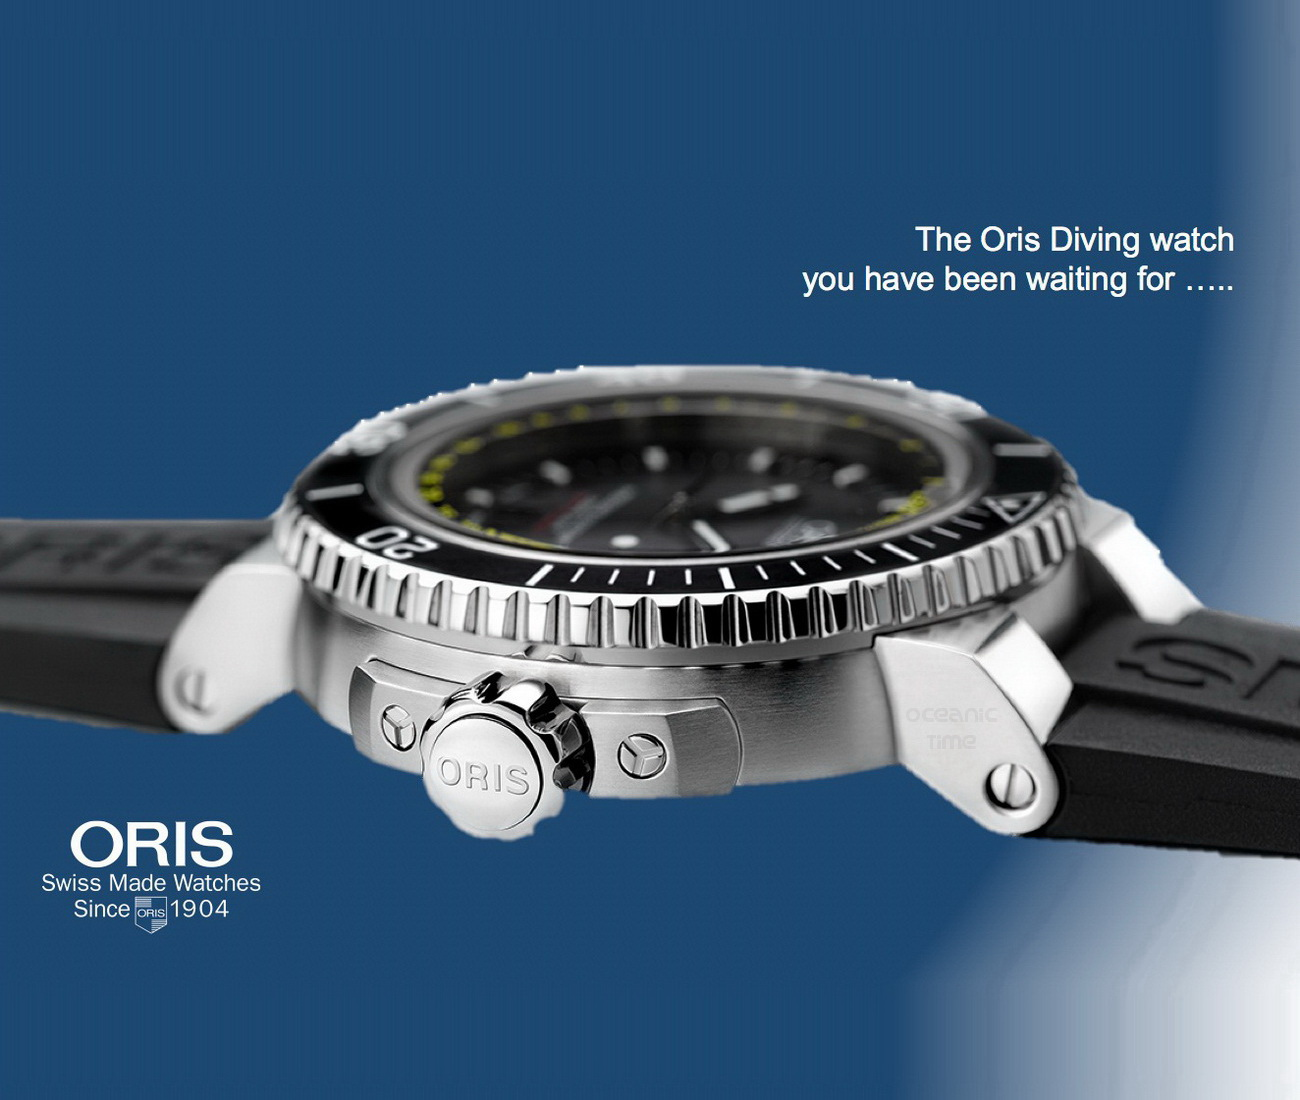 profondimetre - Une nouvelle montre profondimètre chez Oris ORIS%2BAquis%2BDepth%2BGAUGE%2B03